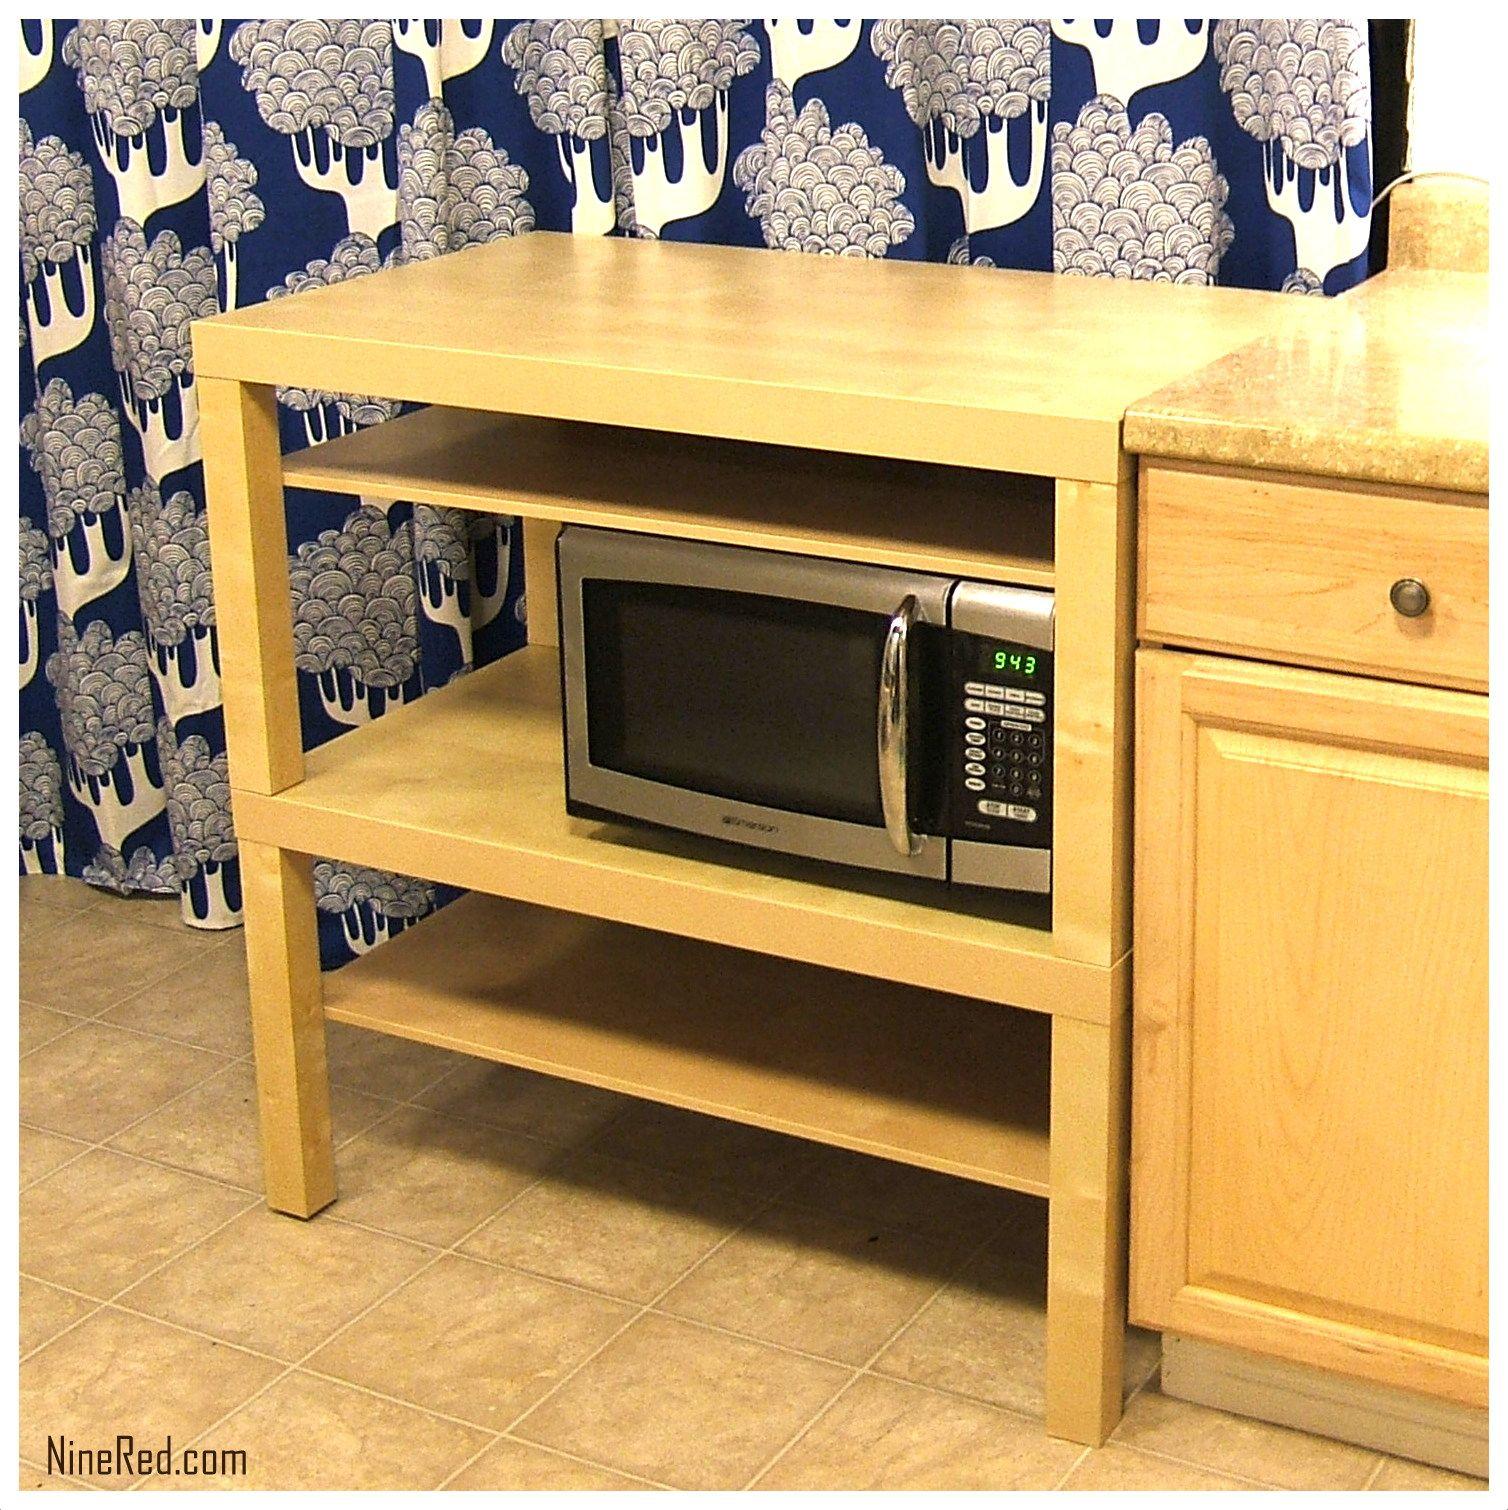 Billig Küche Warenkorb Billige küchen, Ikeahack und Küche